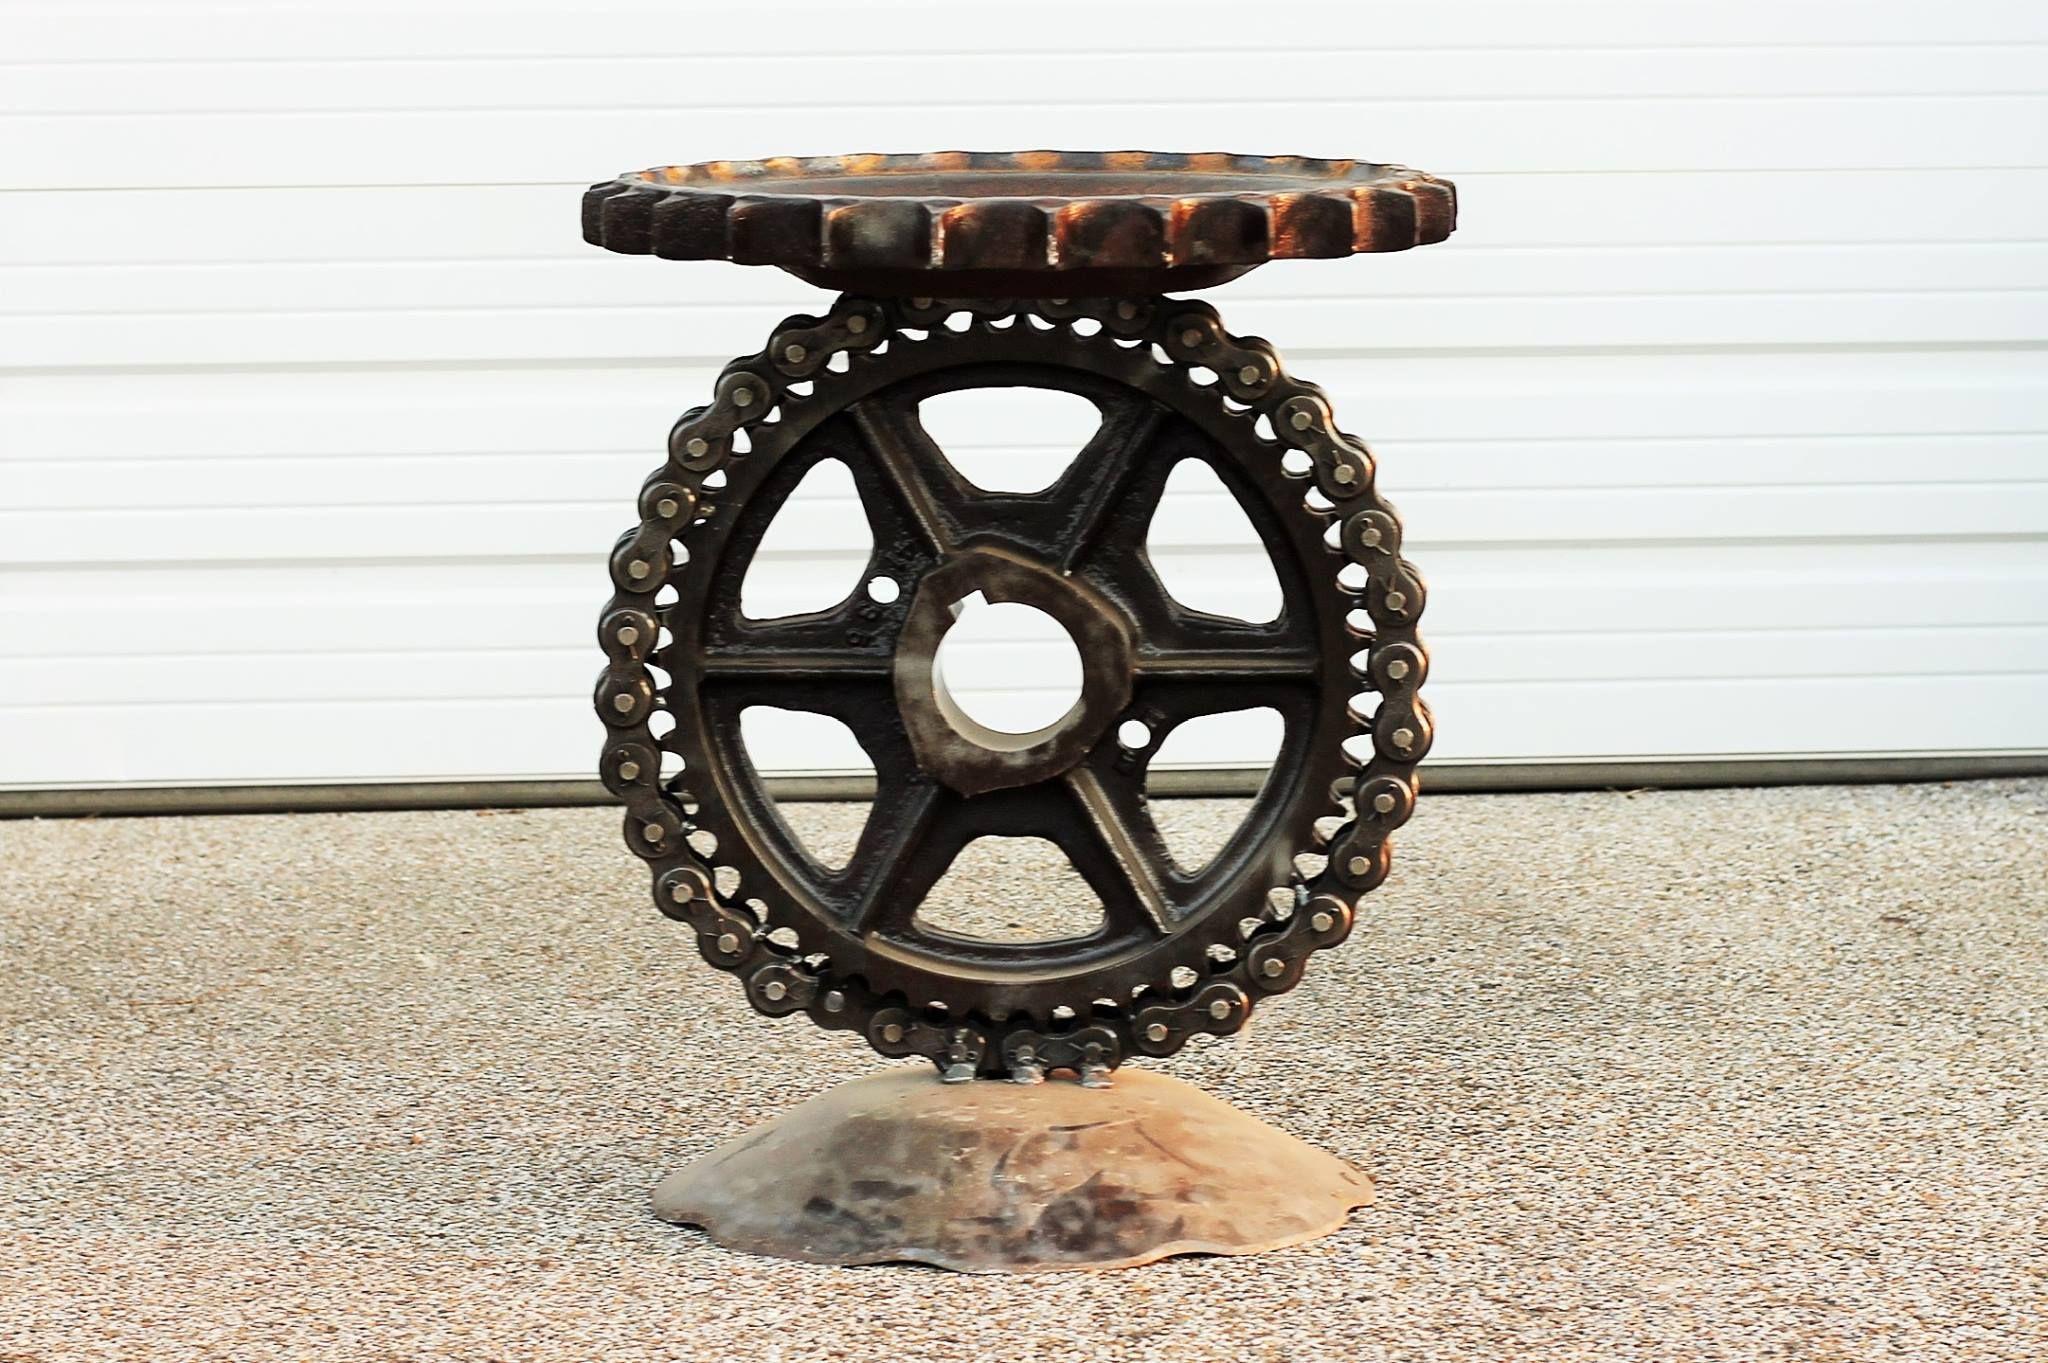 Buy A Handmade Sculptural Metal Pedistal Industrial